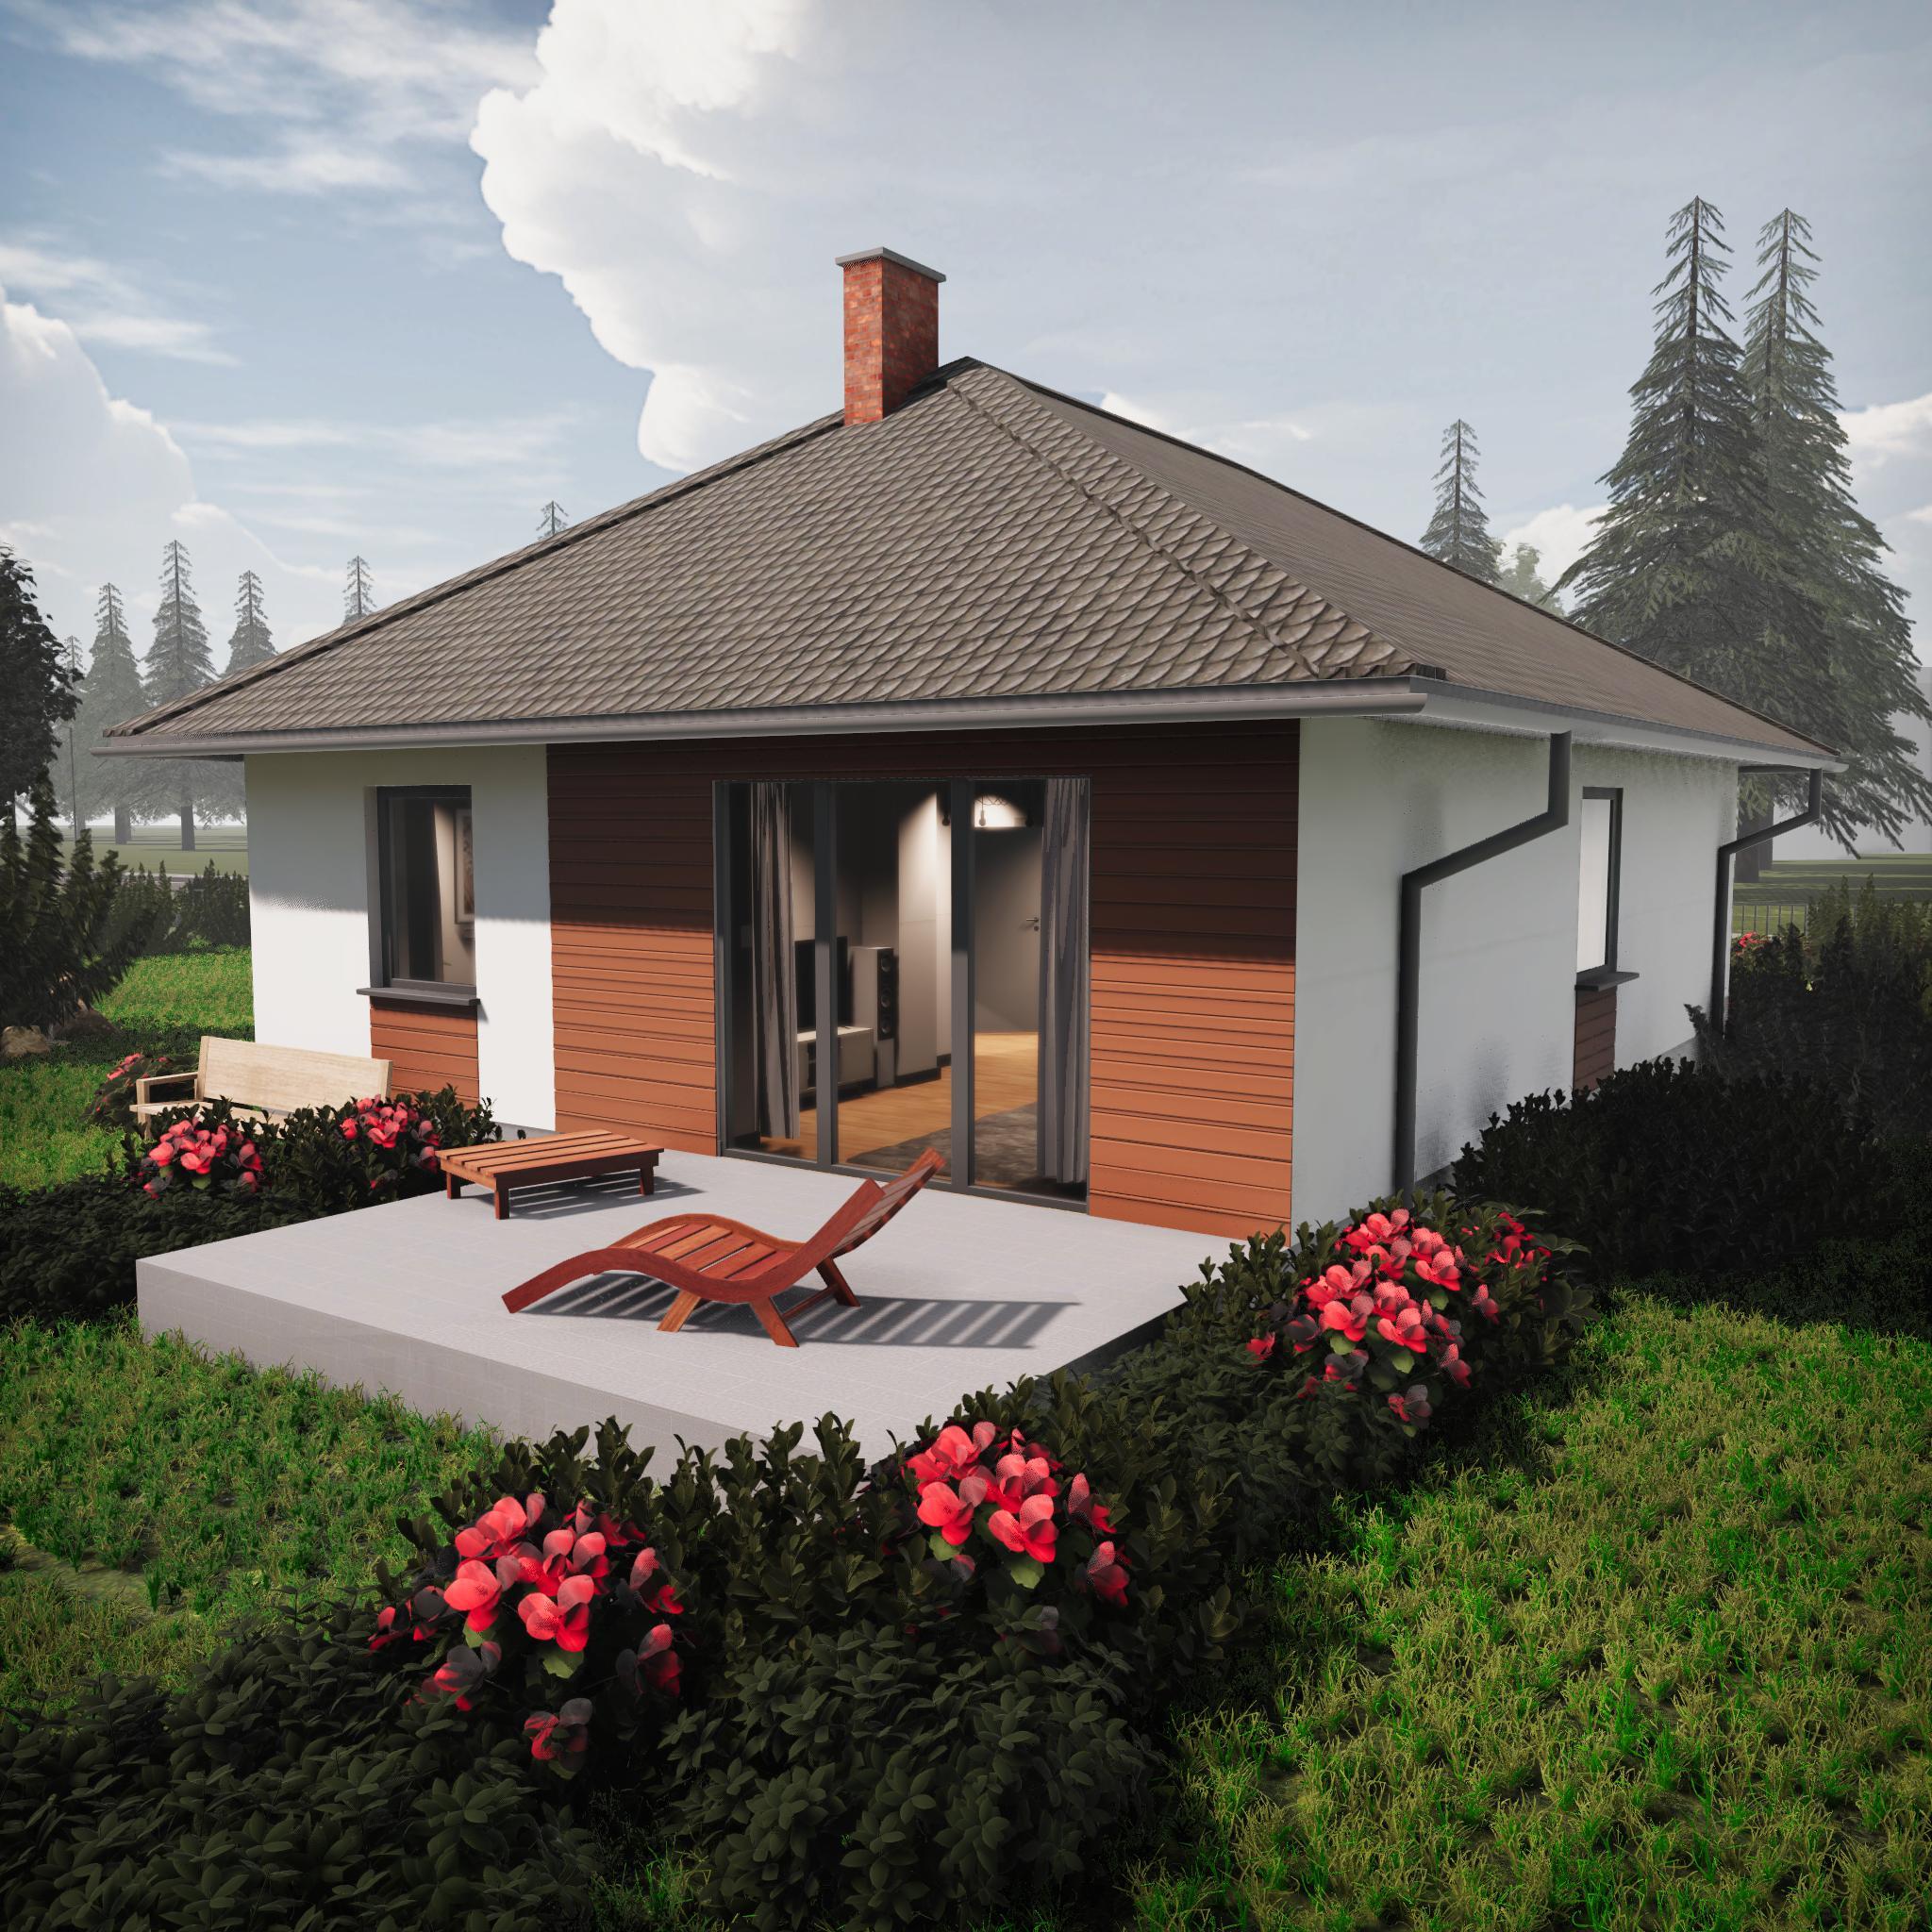 dom z garażem jednostanowiskowym ocieplanym z dachem trójspadowym